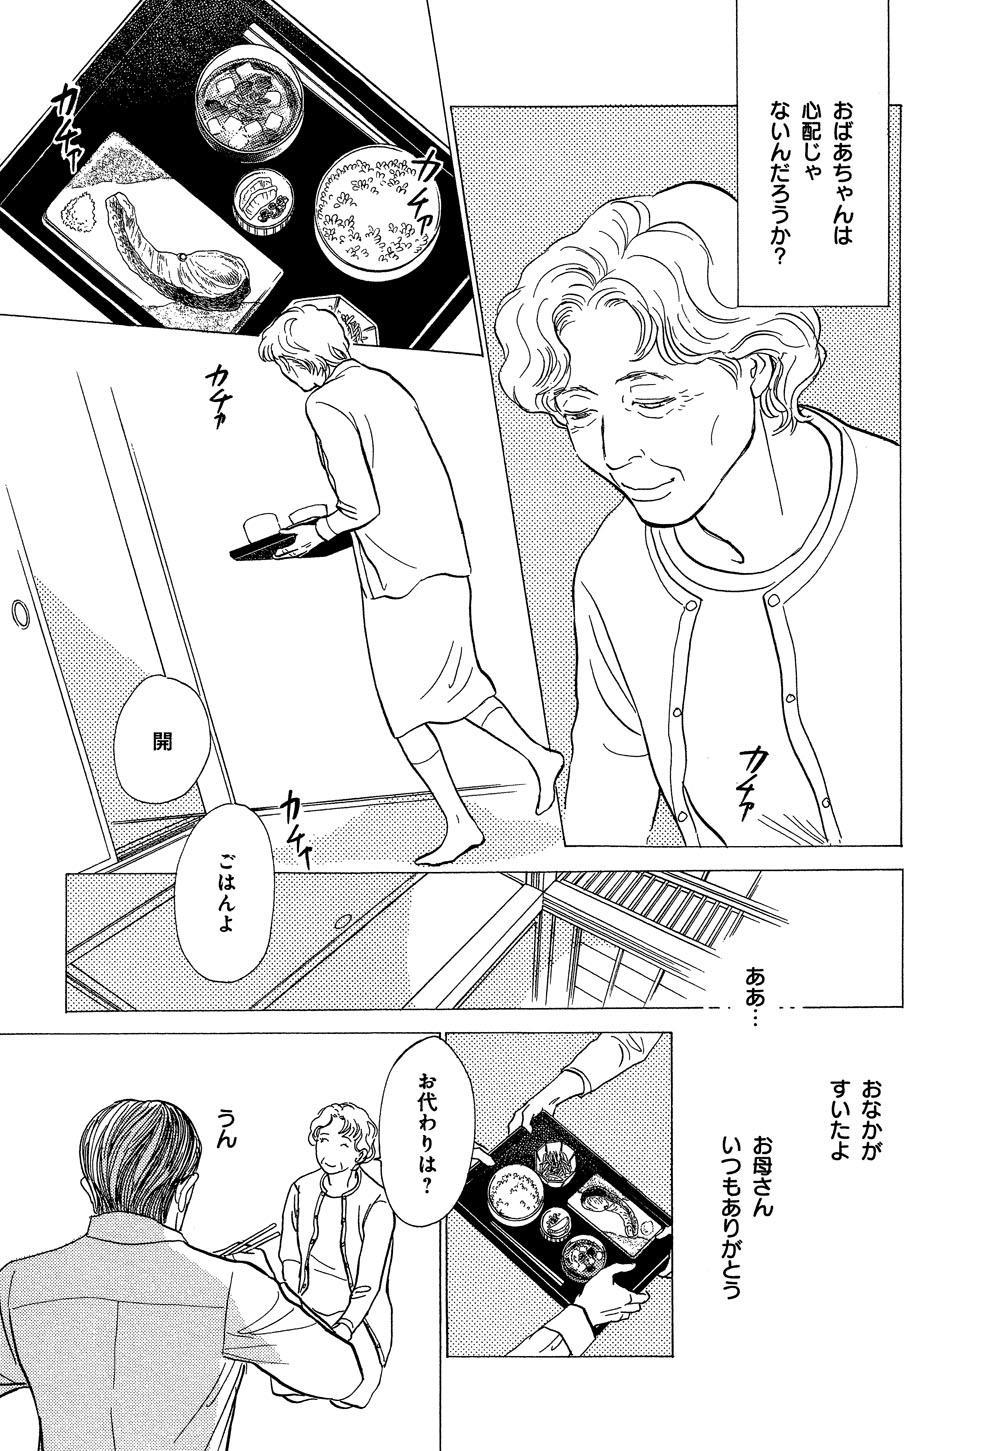 hyakki_0021_0013.jpg